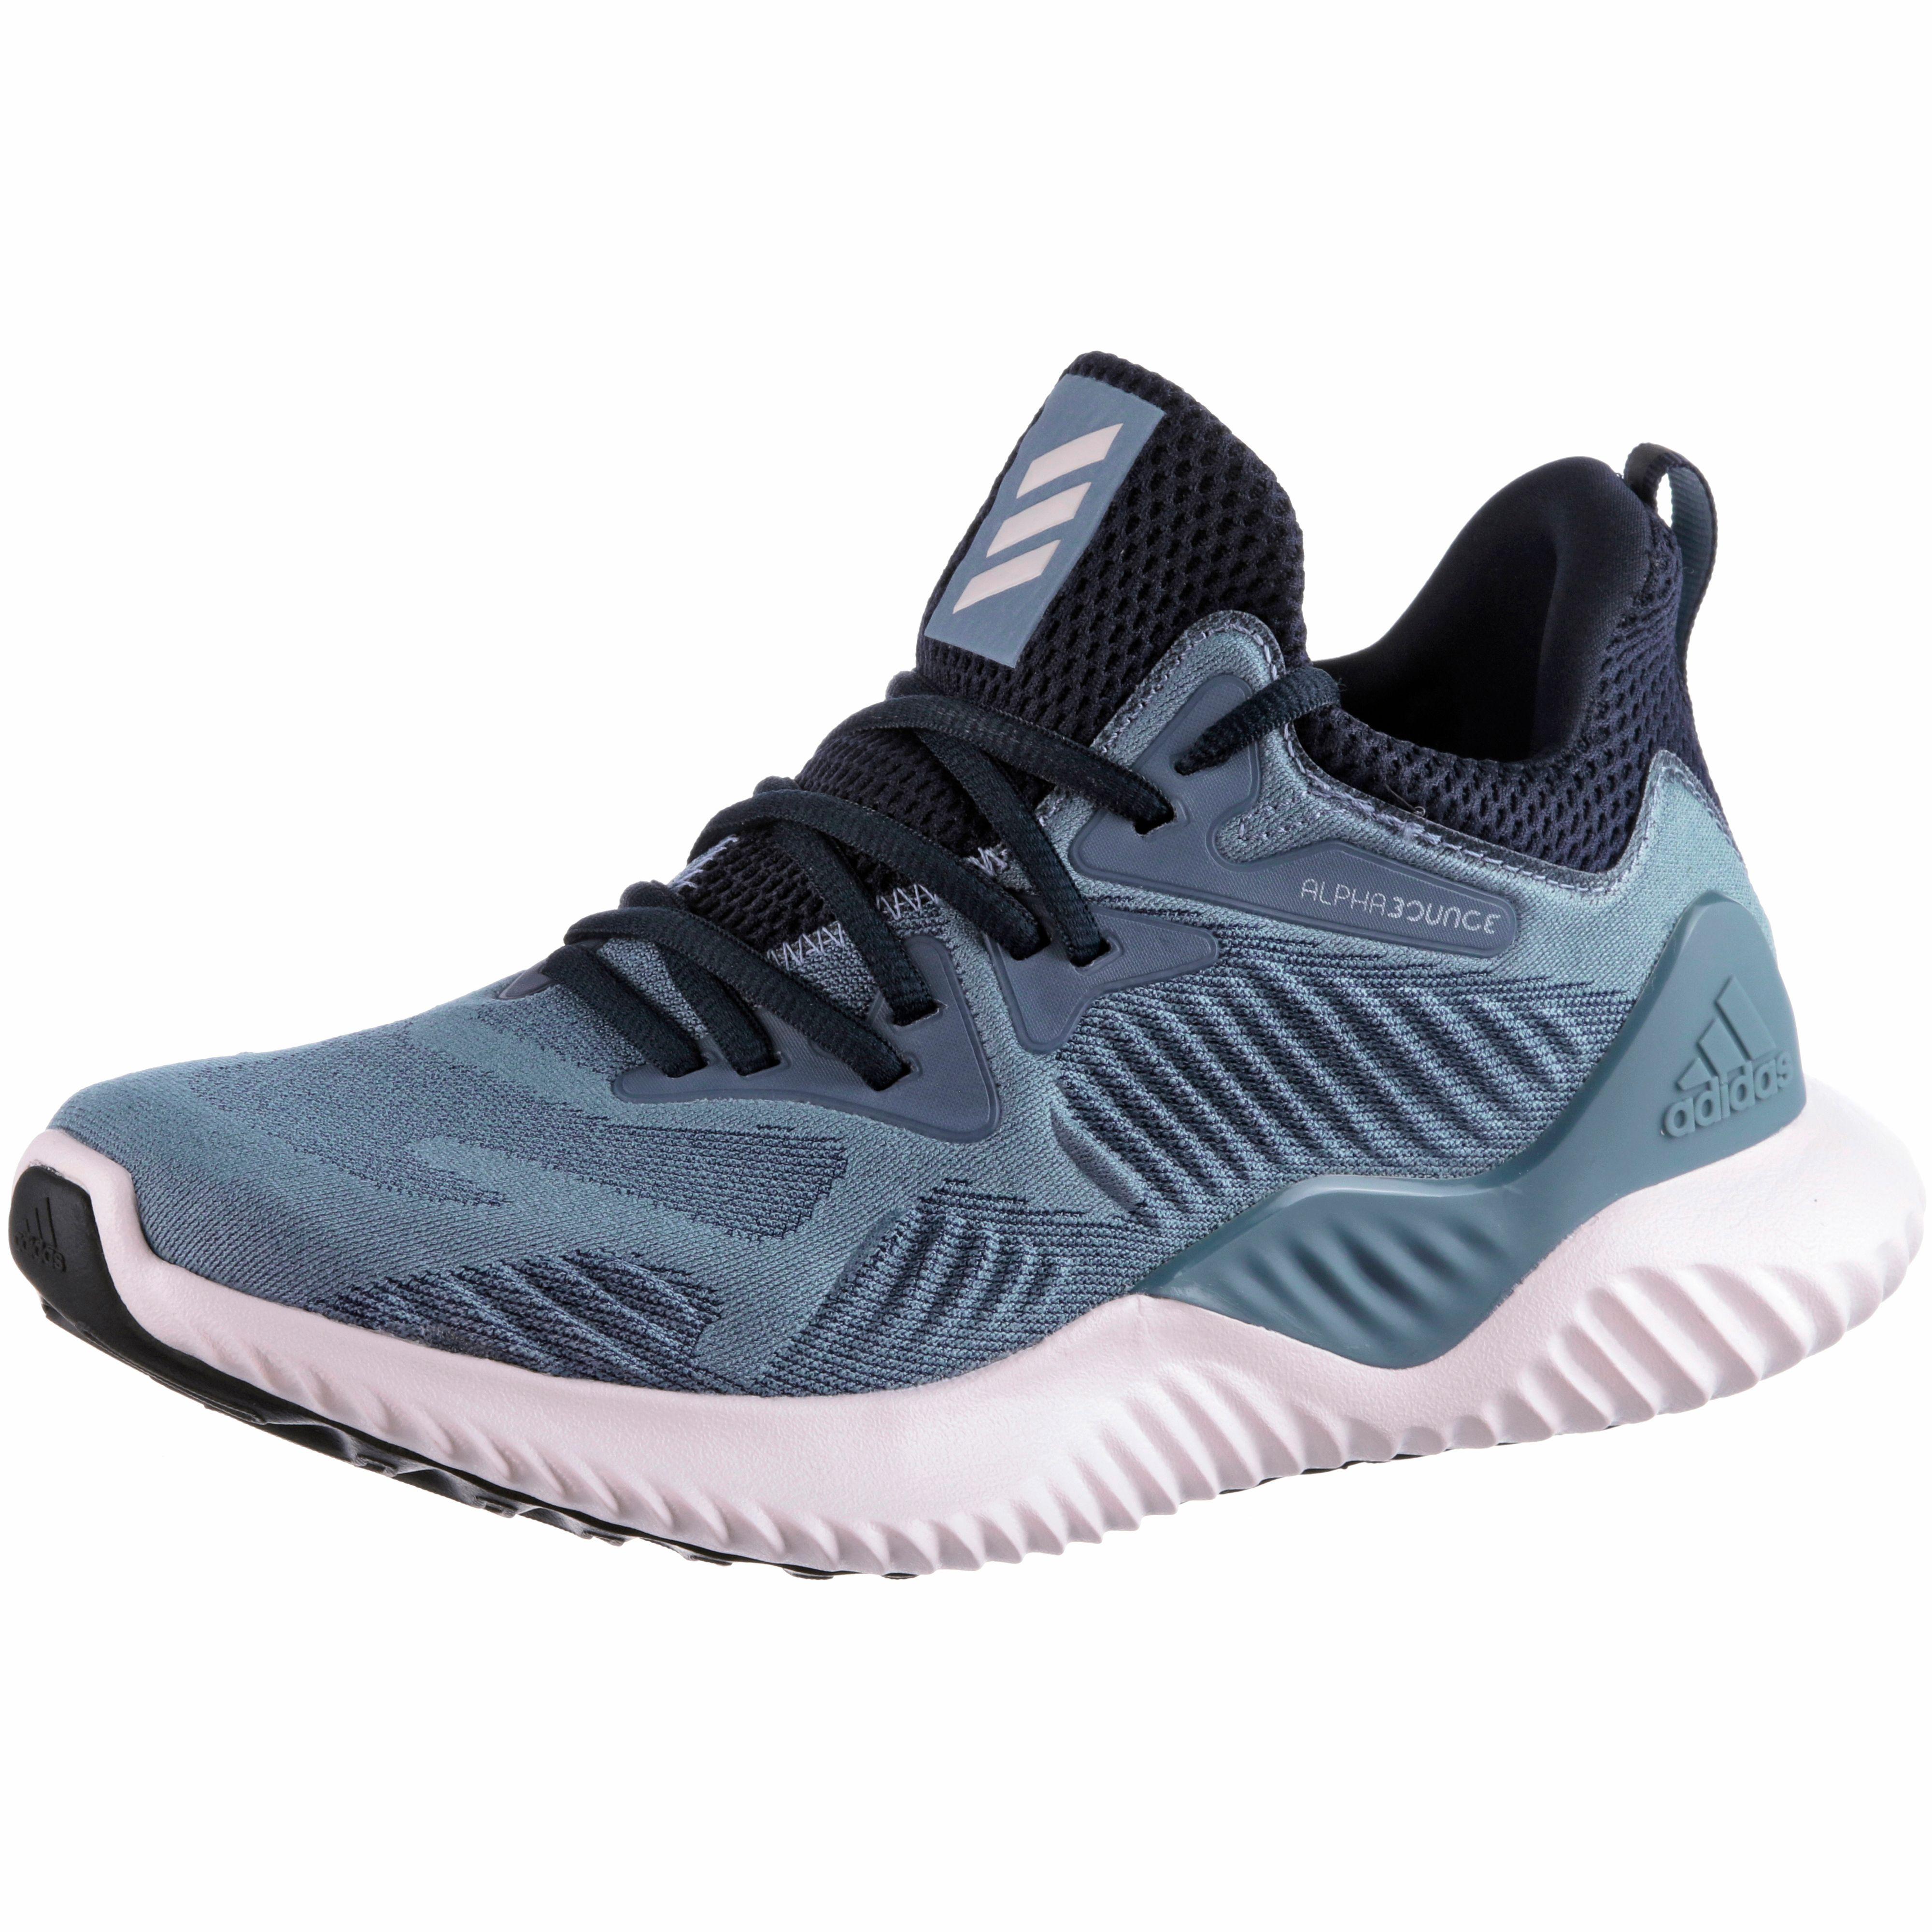 Scarpe da ginnastica f ü r damen von adidas im negozio online von sportscheck kaufen